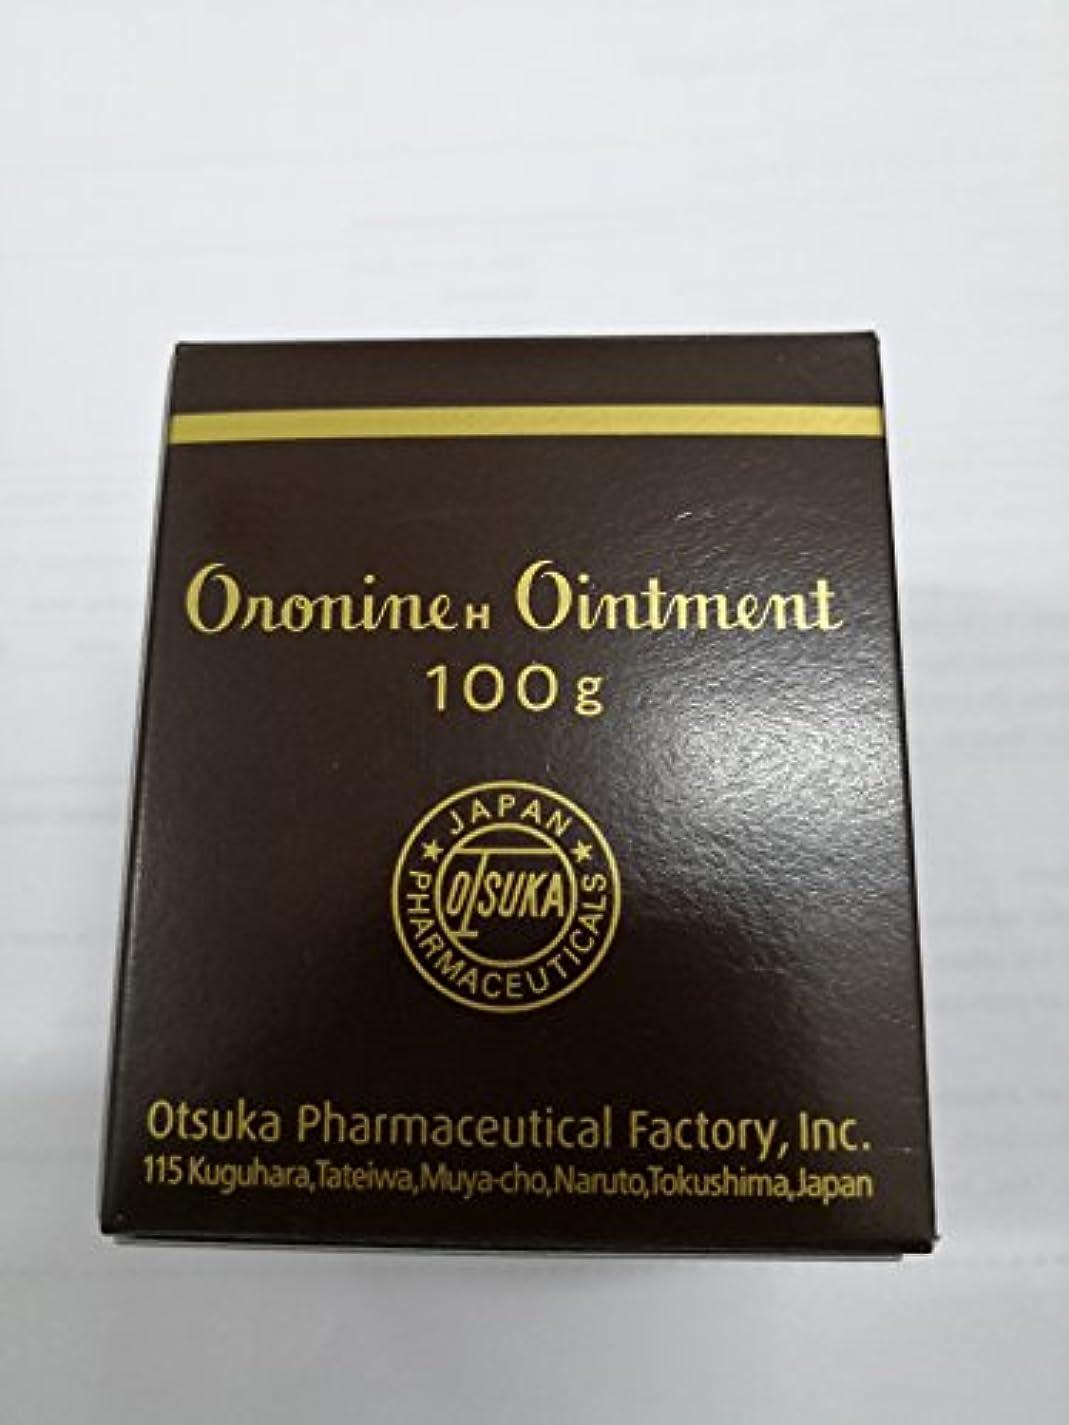 エンドウパイ確立Otsuka Oronine オロニンh軟膏(スキンクレンザー&モイスチャライザー) - 大3.5オンス